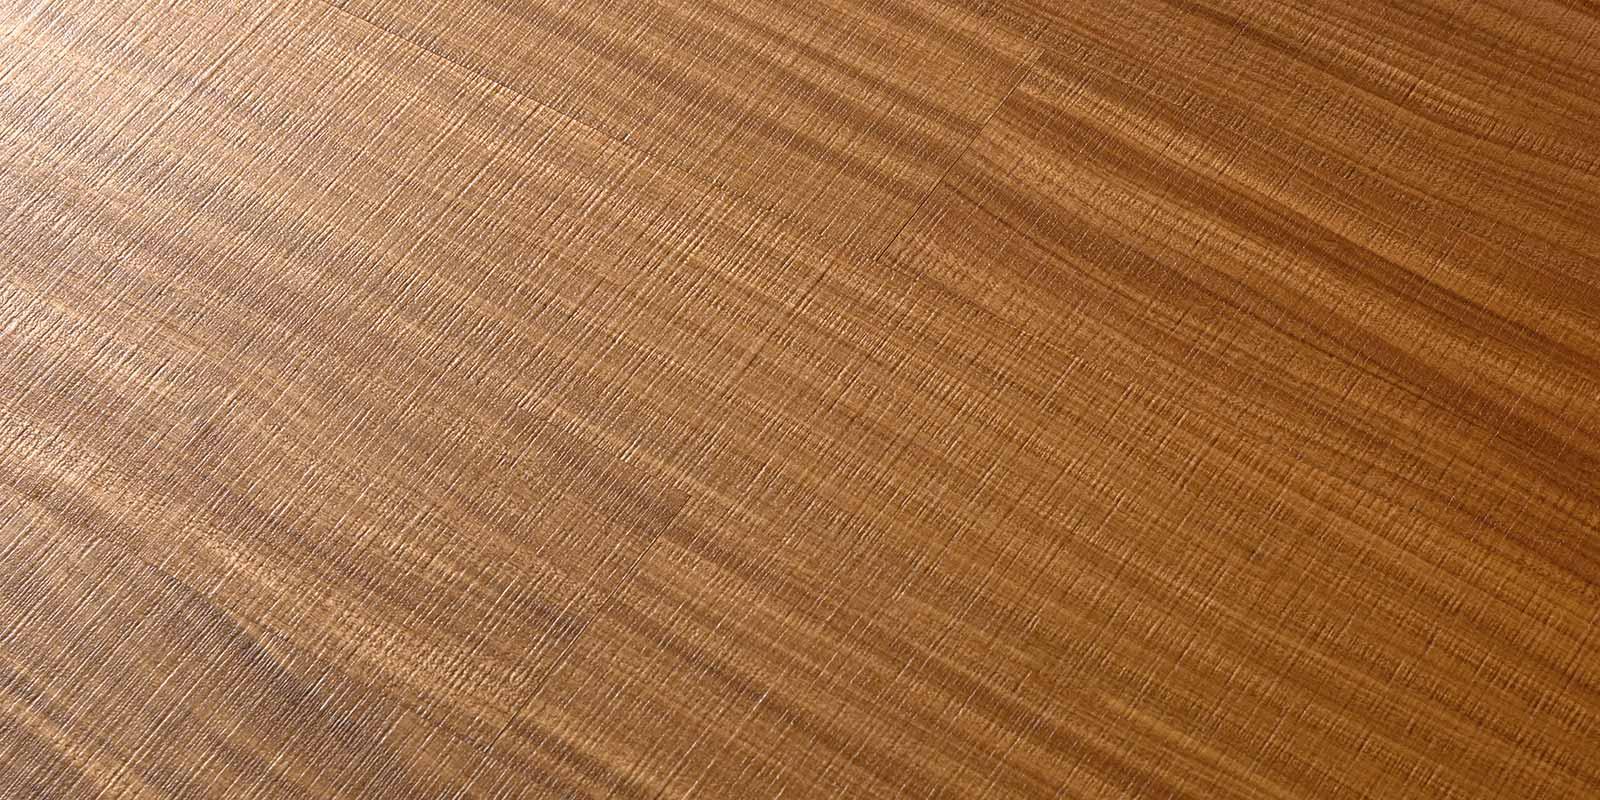 Mazzonetto wood floors gesägten Böden